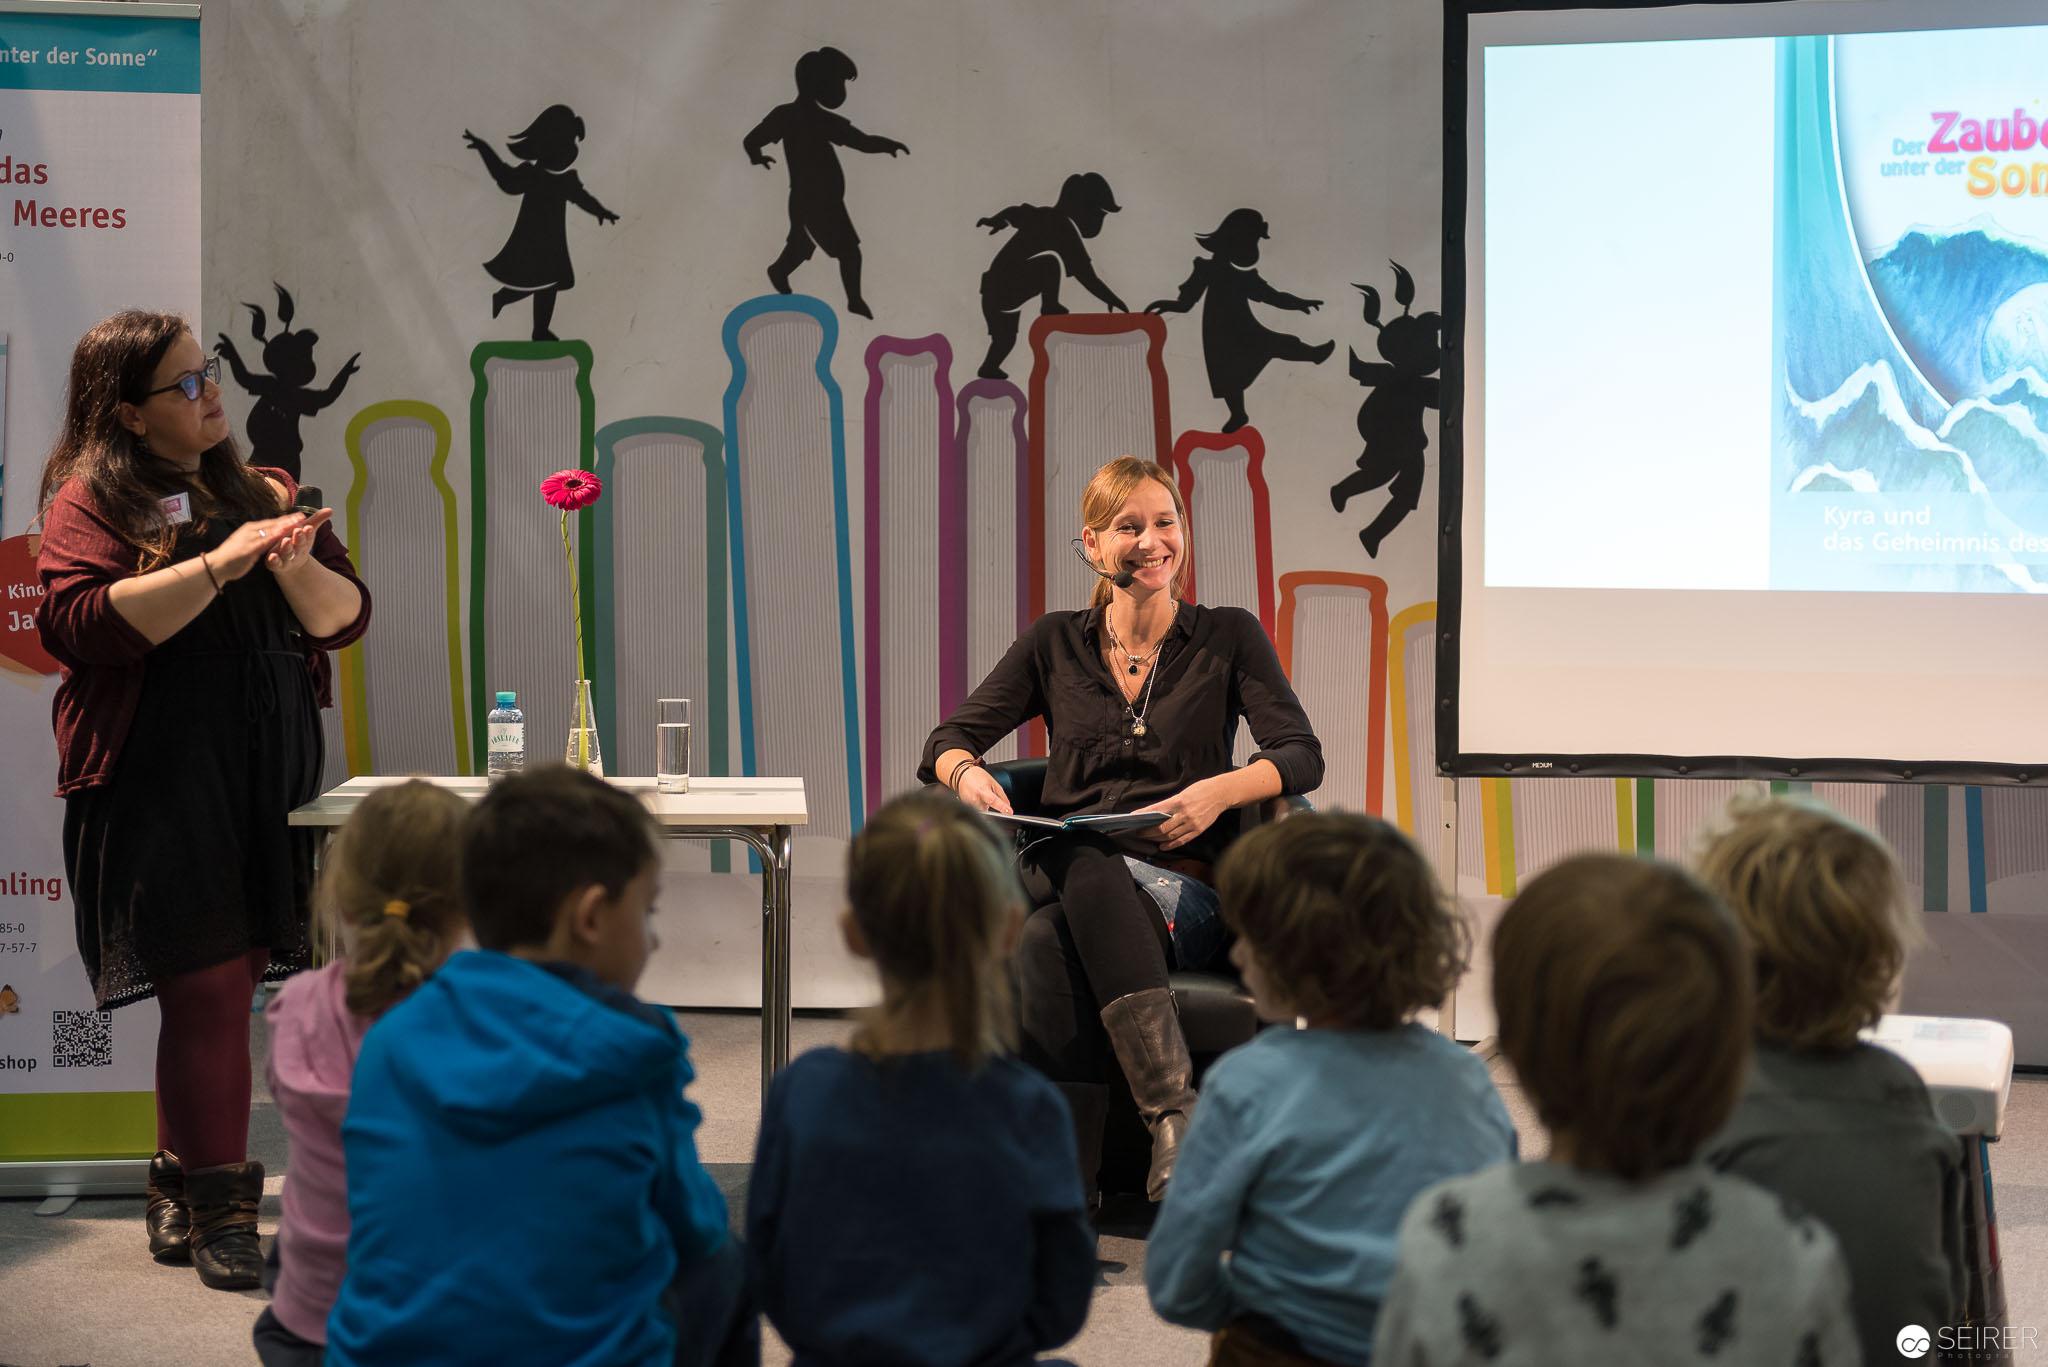 """Amanda Koch mit """"Der Zauber unter der Sonne: Kyra und das Geheimnis des Meeres"""" auf der Kinderbühne"""